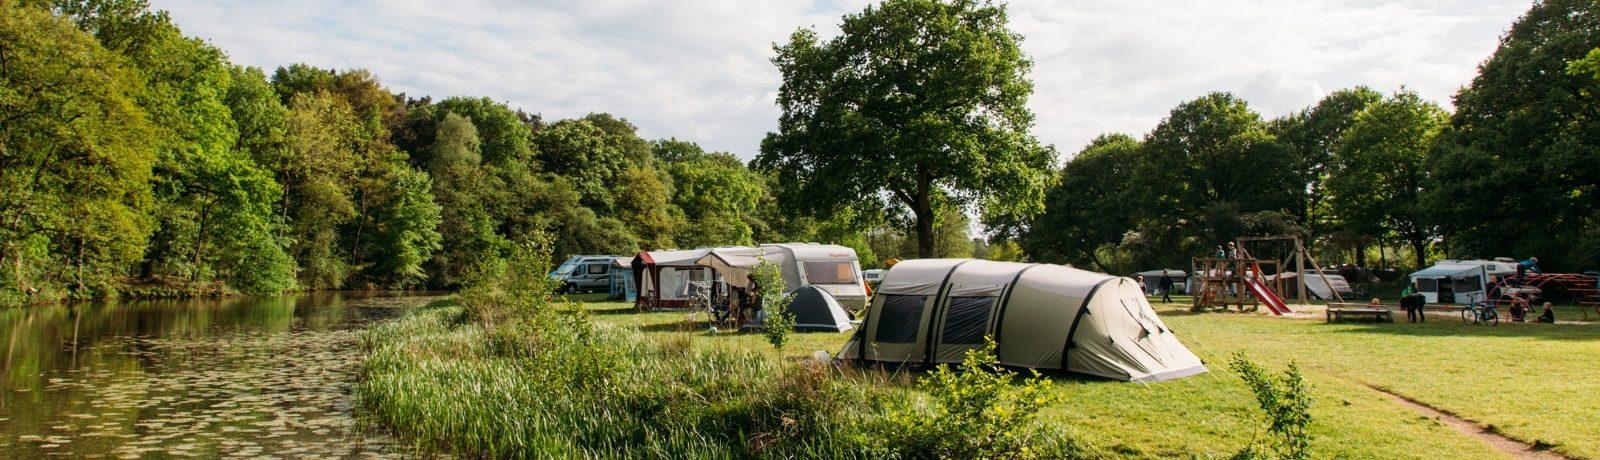 Prachtige ruim opgezette camping in Overijssel in het hart van het unieke heuvellandschap aan de Overijsselse Vecht, kamperen in een harmonieuze sfeer!